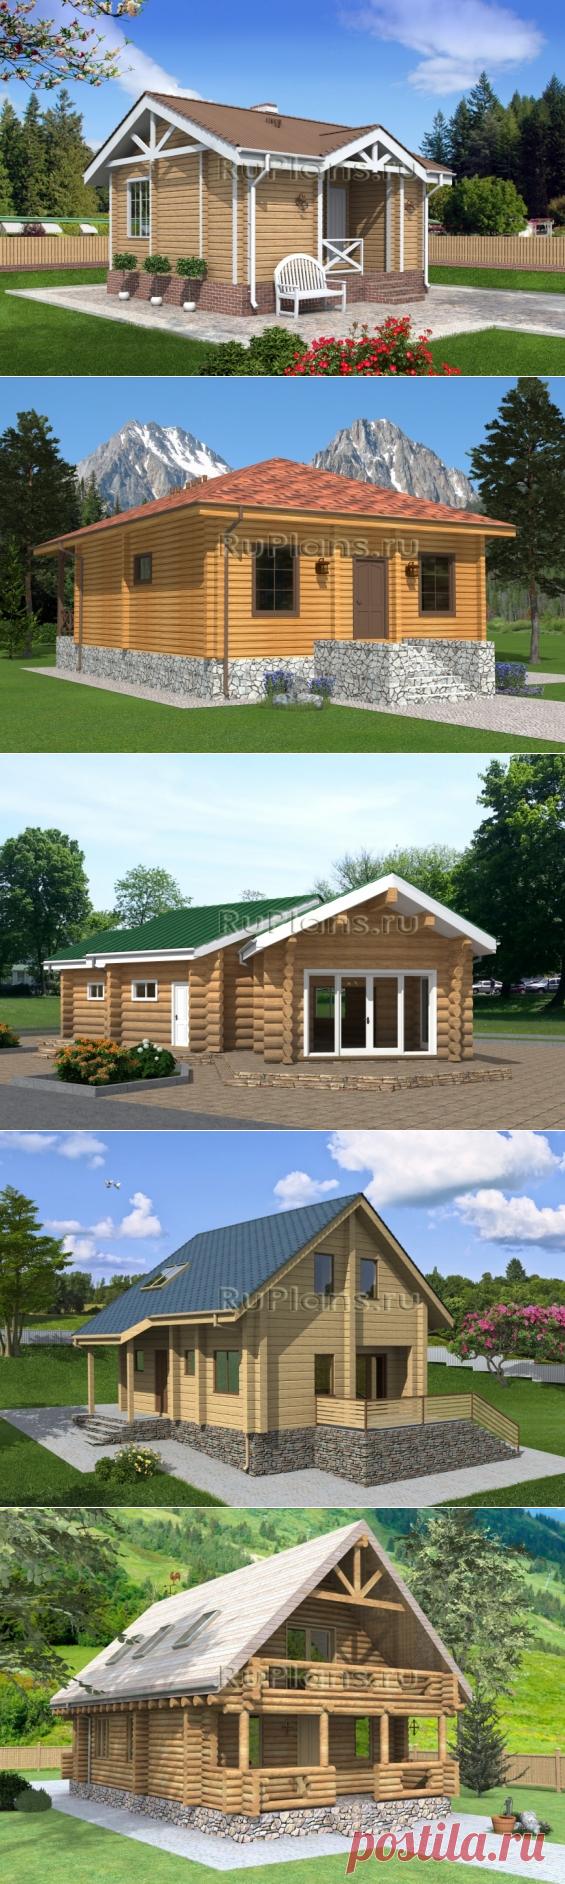 Проекты деревянных домов. Деревянные дома. Проекты домов из дерева - https://ruplans.ru/proekti/derevo/